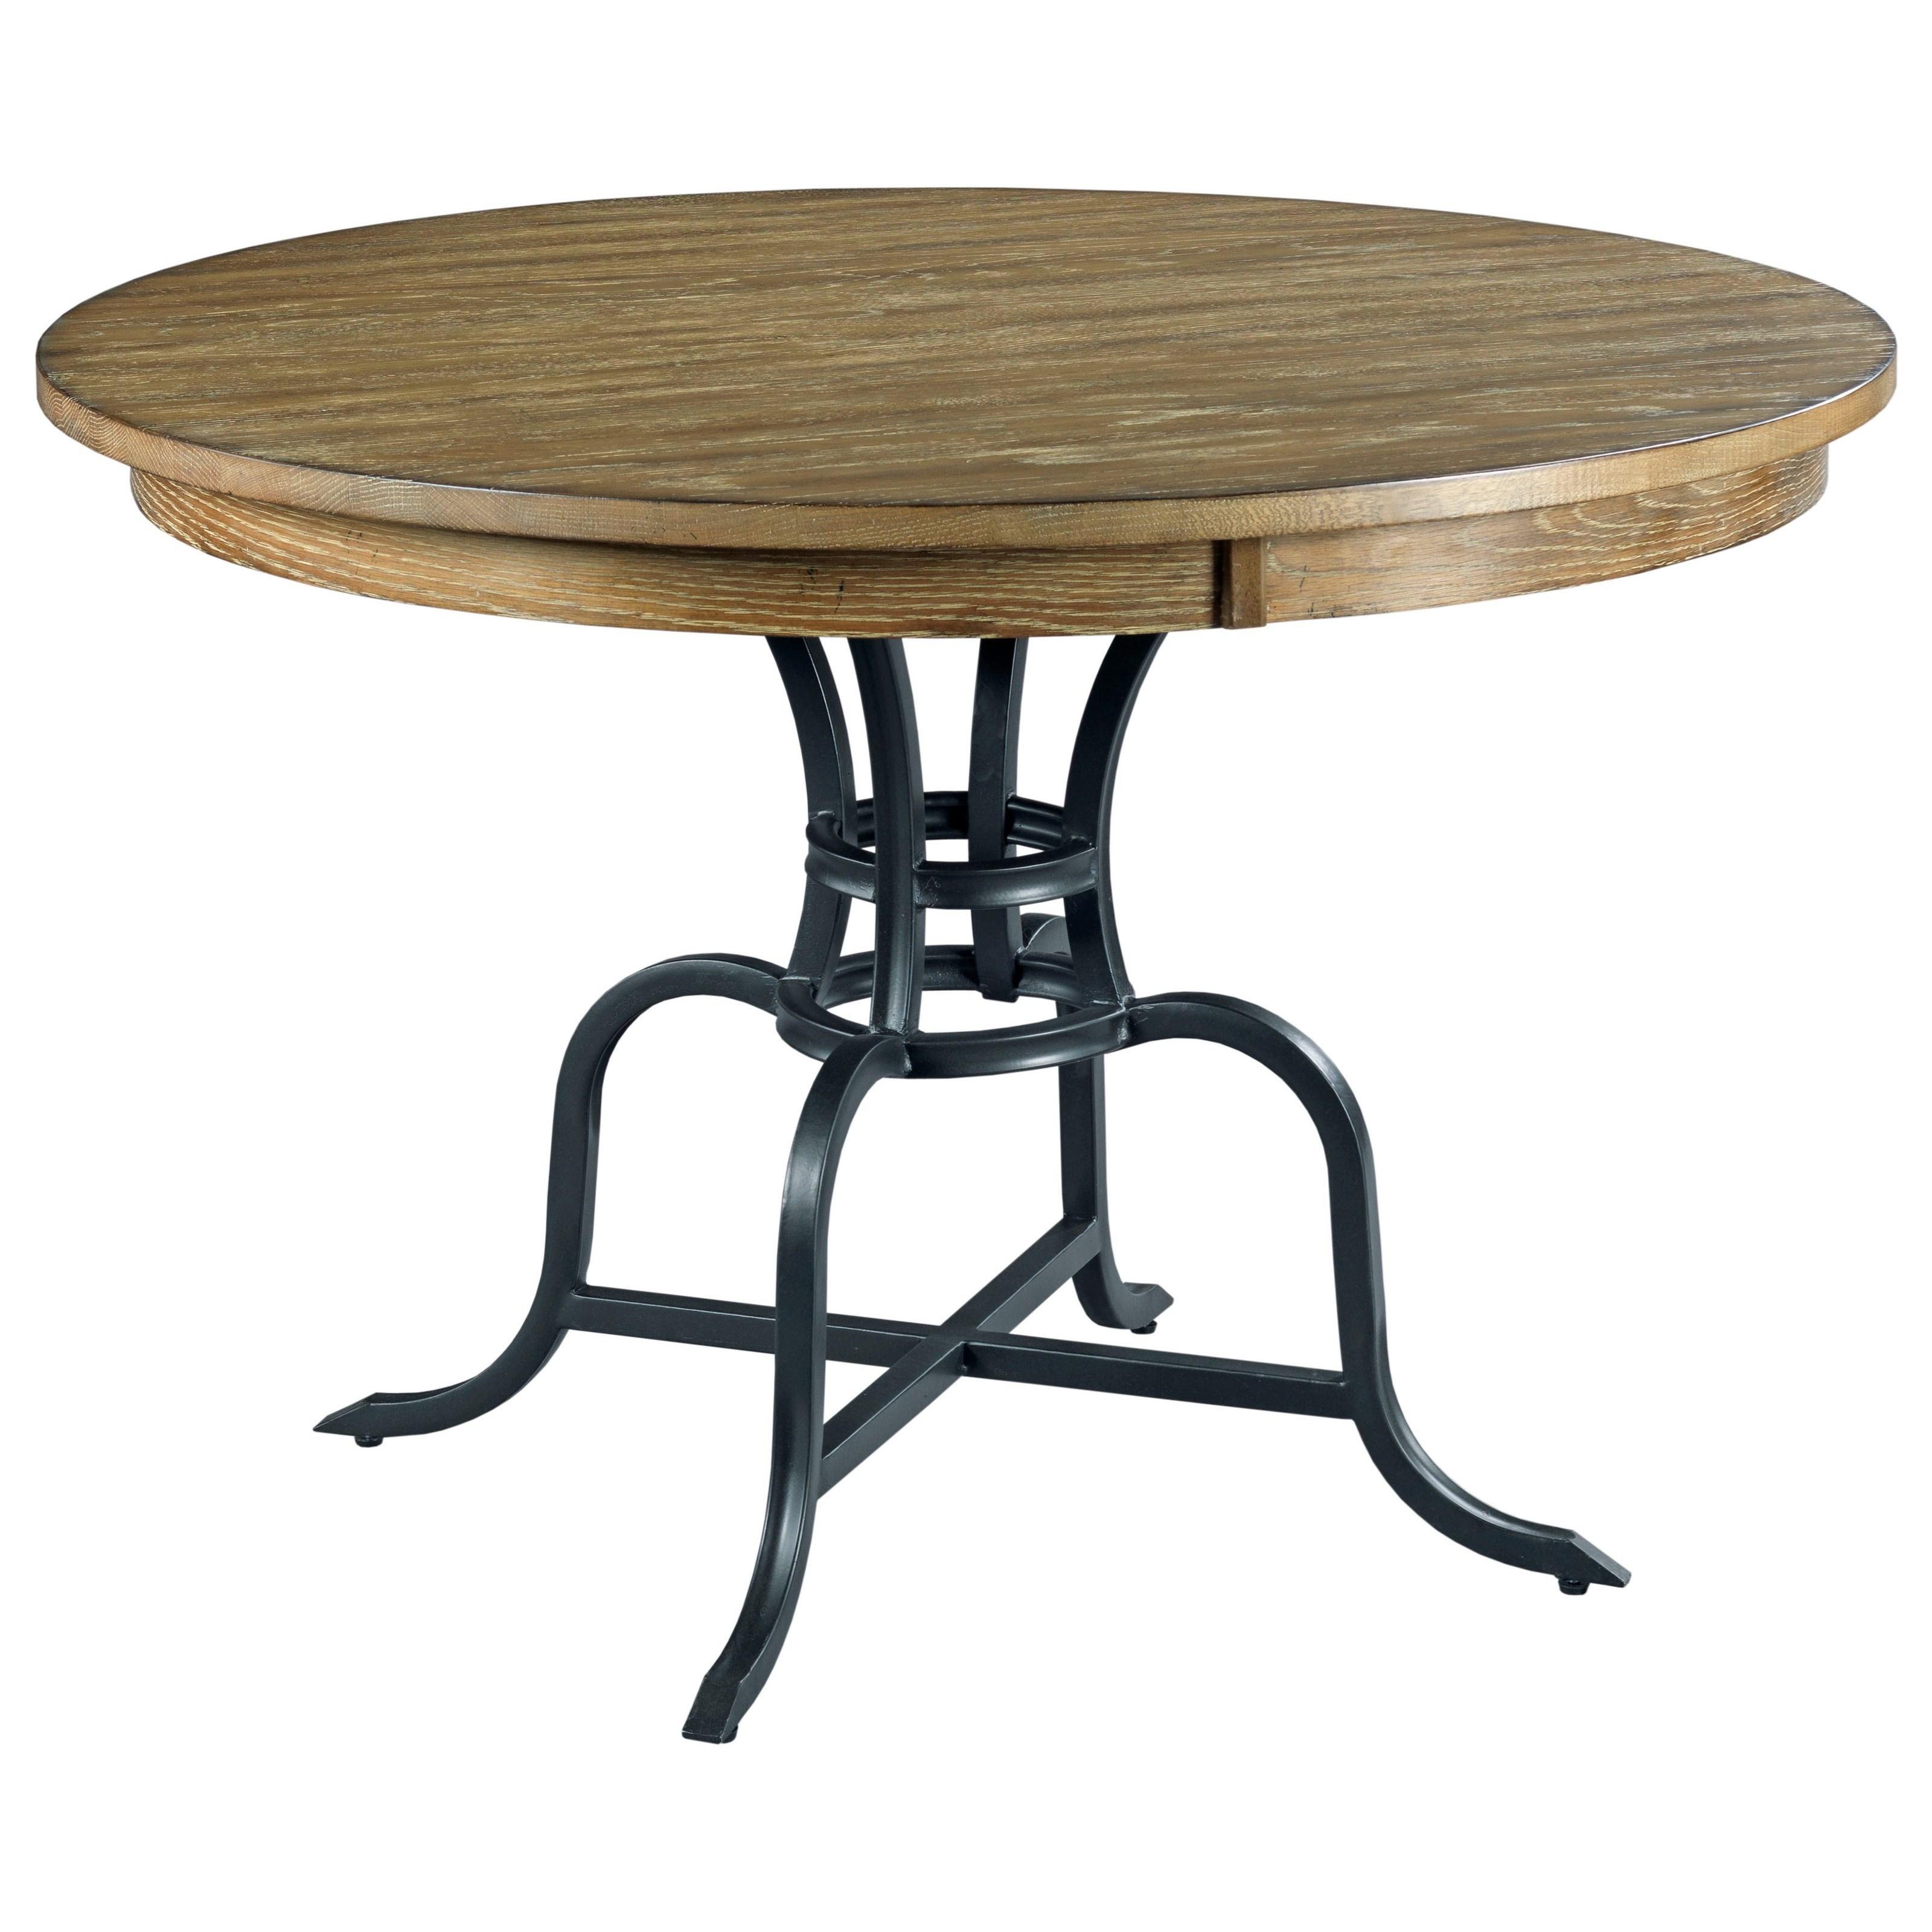 Bon Hudsonu0027s Furniture